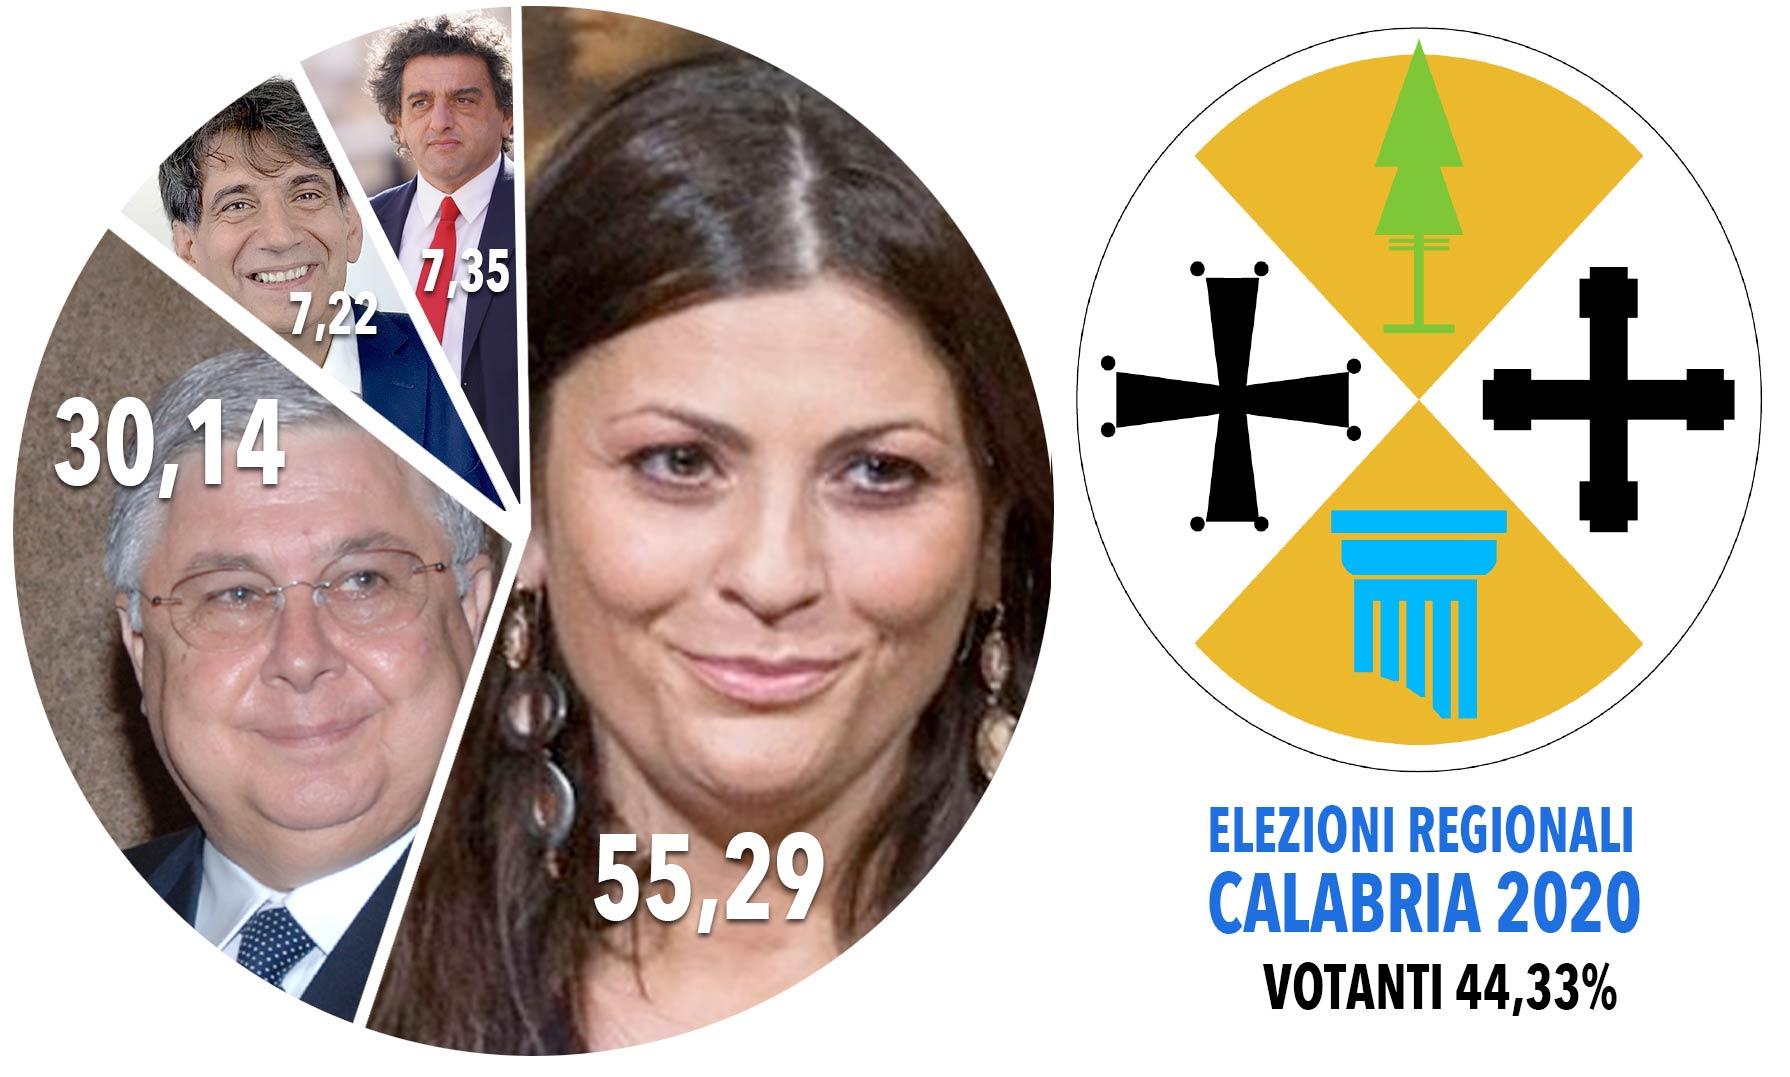 Elezioni regionali calabria 2020